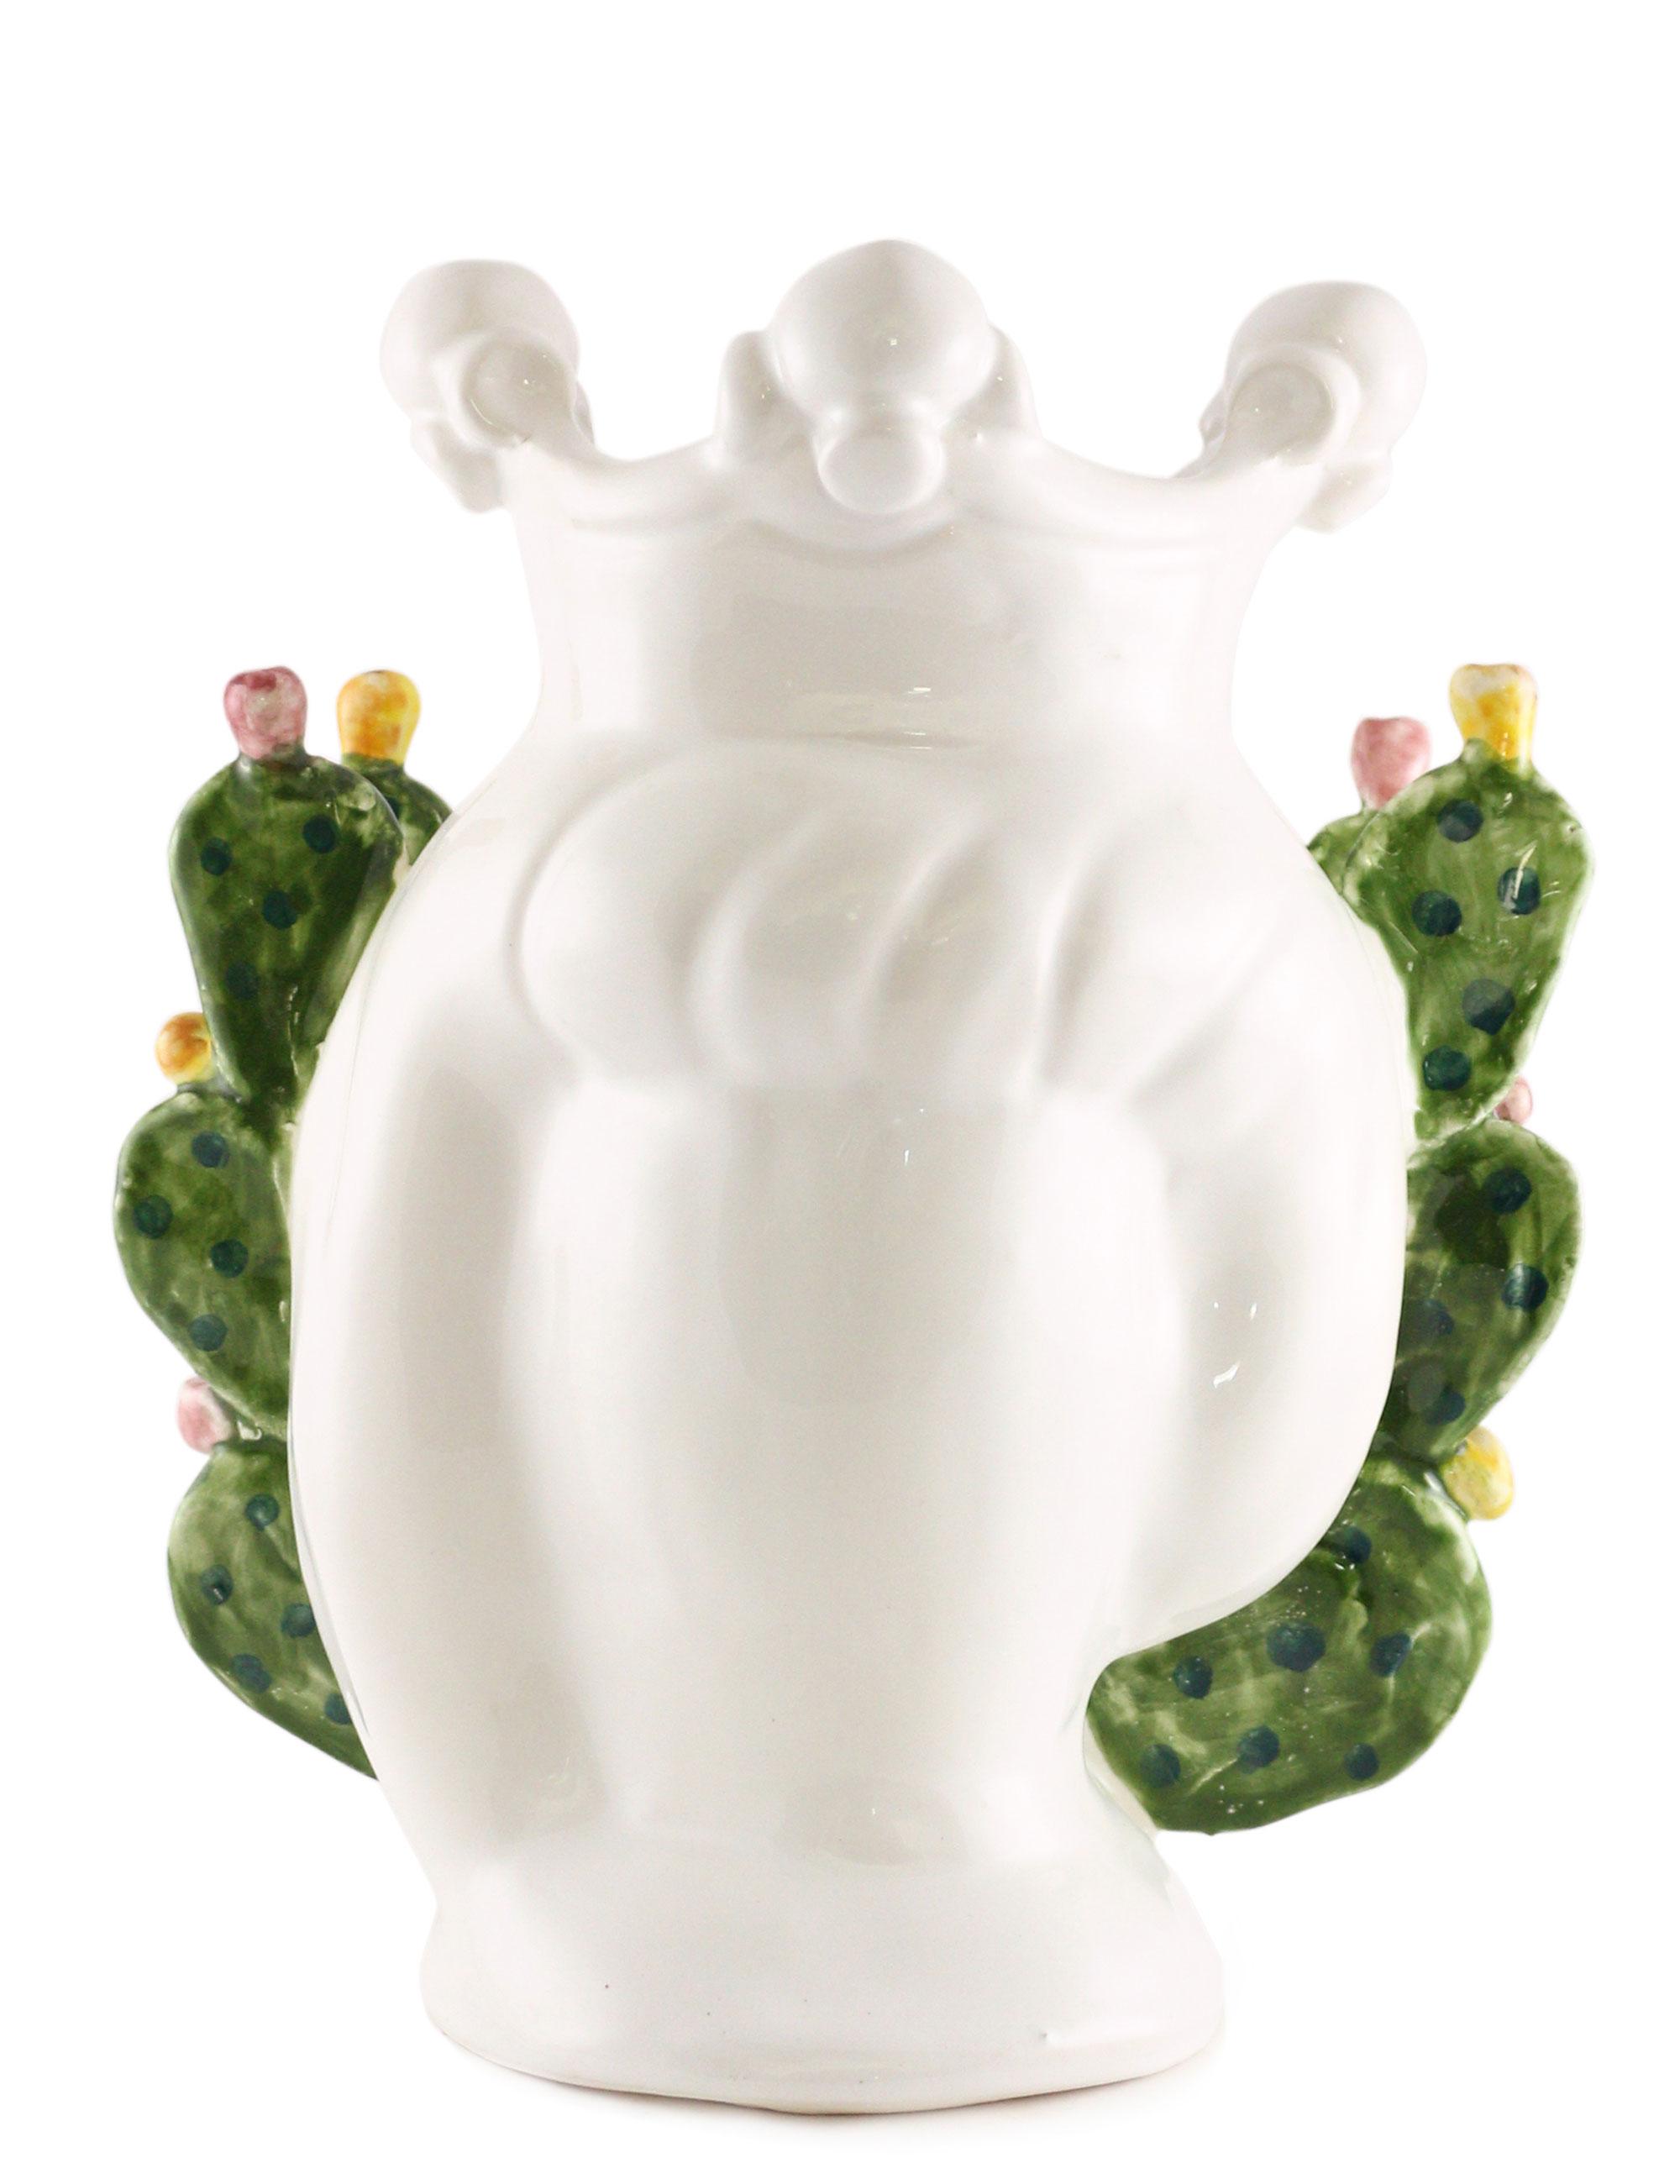 testa di moro Gaspare dimensione piccola in ceramica di Caltagirone con decorazione fichi d'india vista posteriore